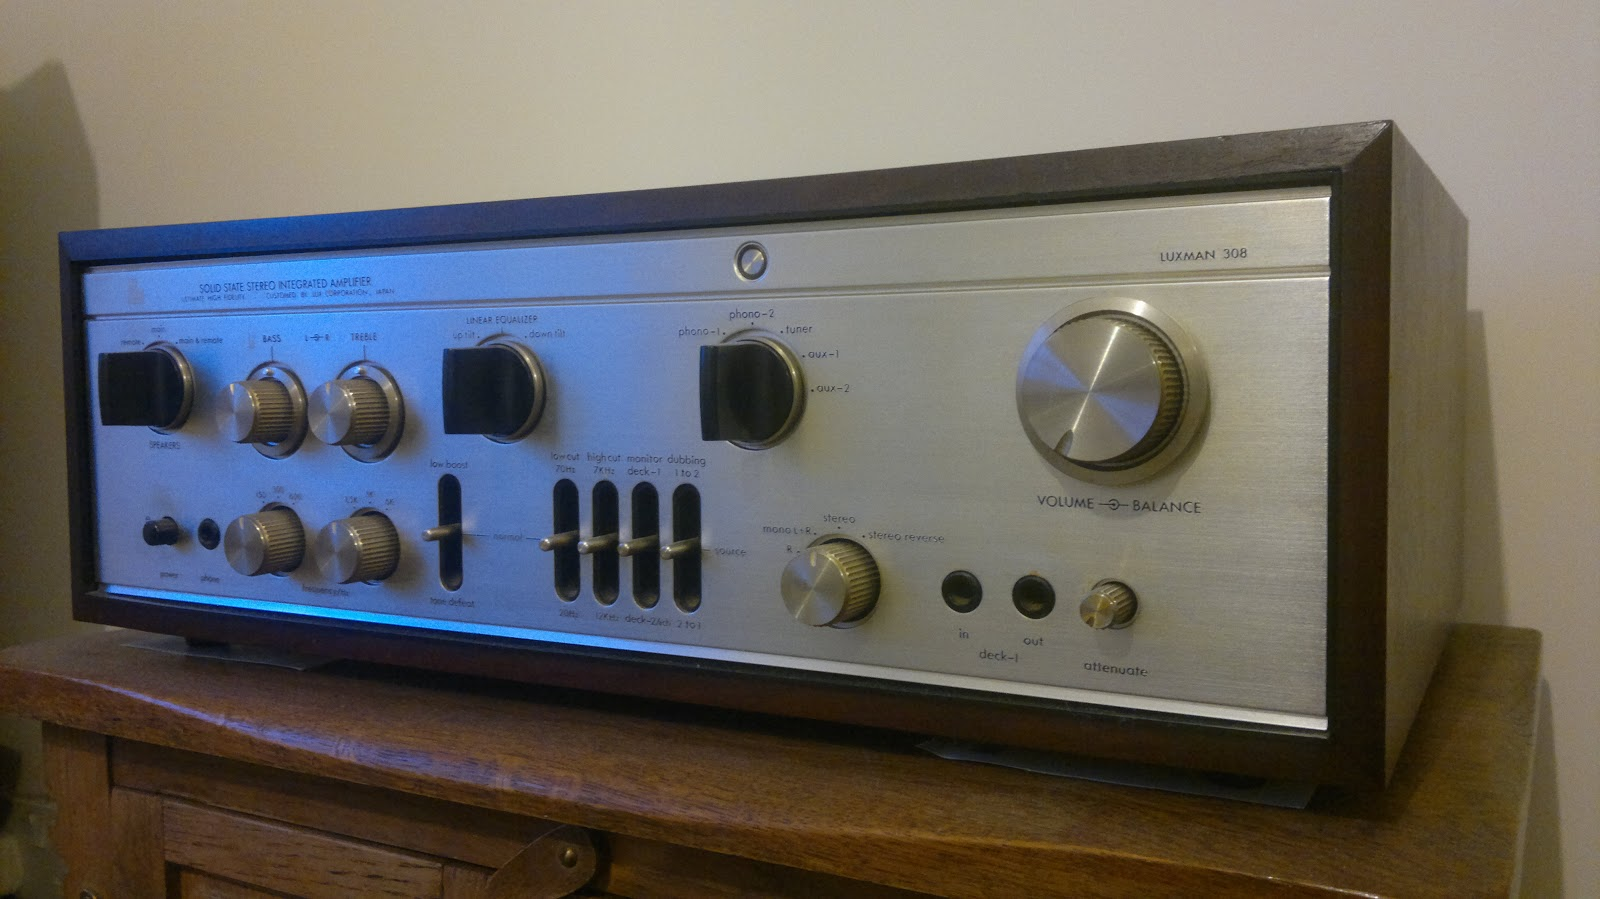 Elección de ampli vintage 2012-11-01-150